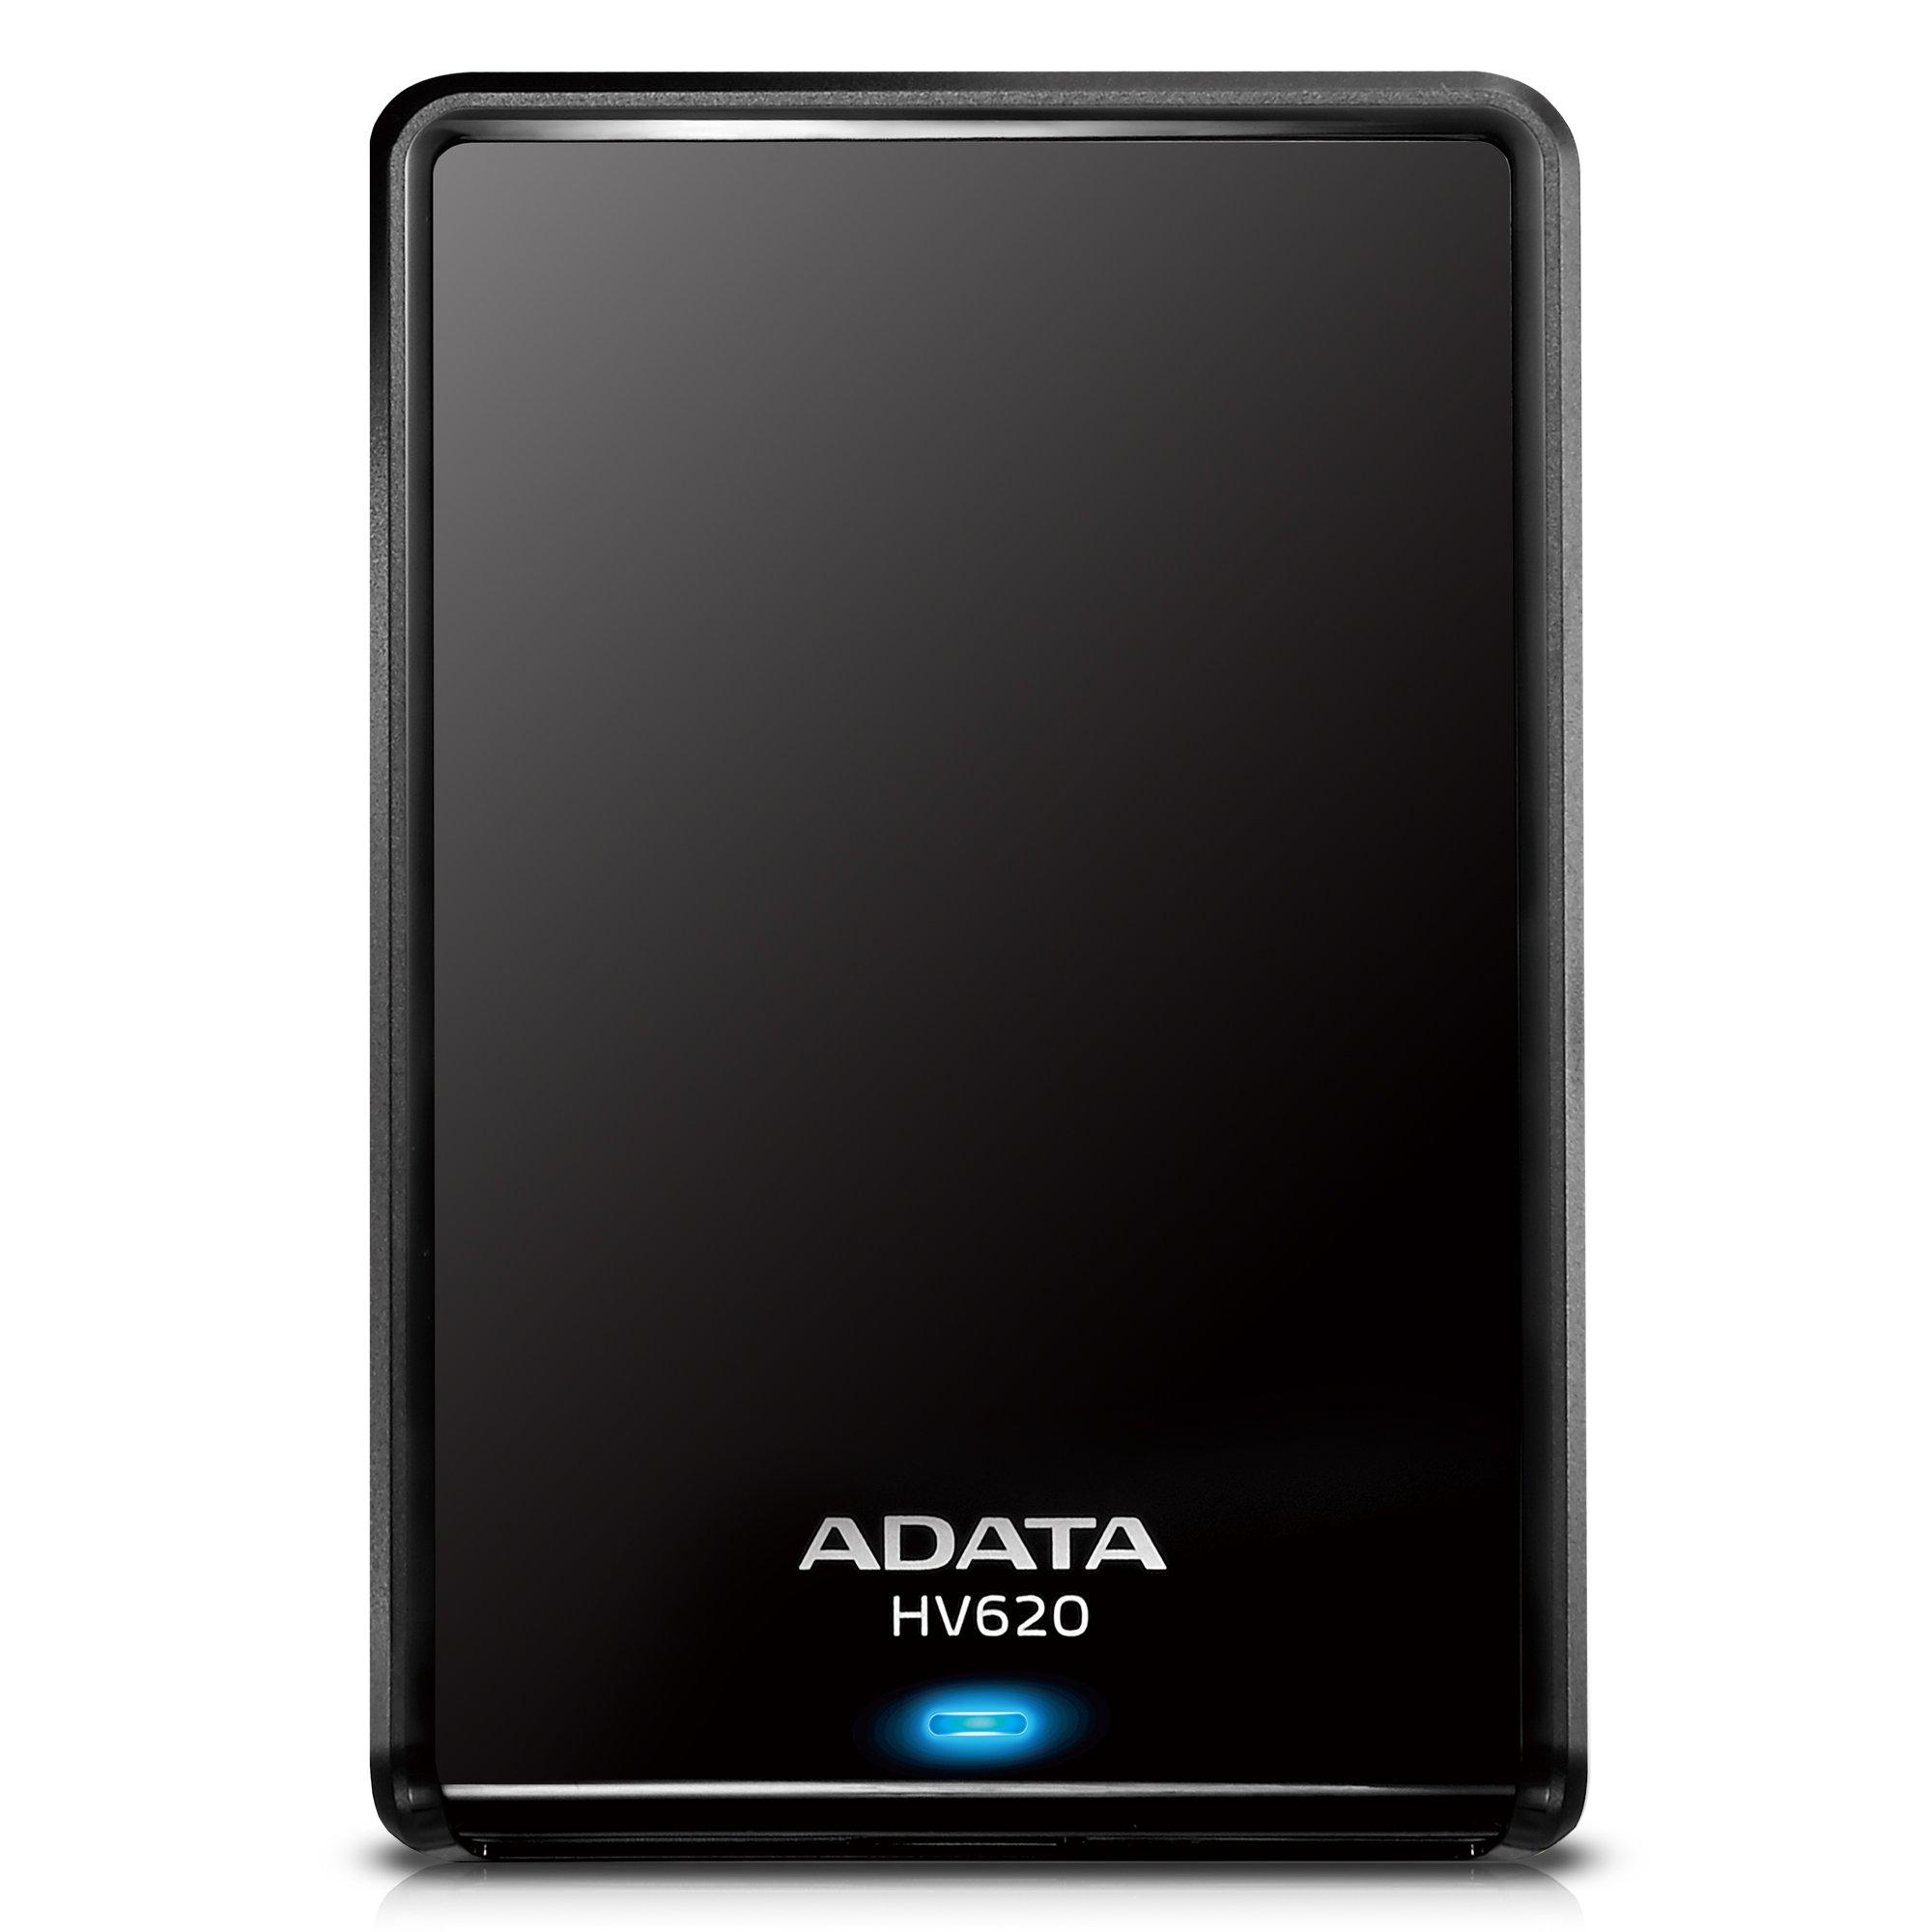 ADATA HV620 1TB USB 3.0 Stylish and Sleek External Hard Drive, Black (AHV620-1TU3-CBK)